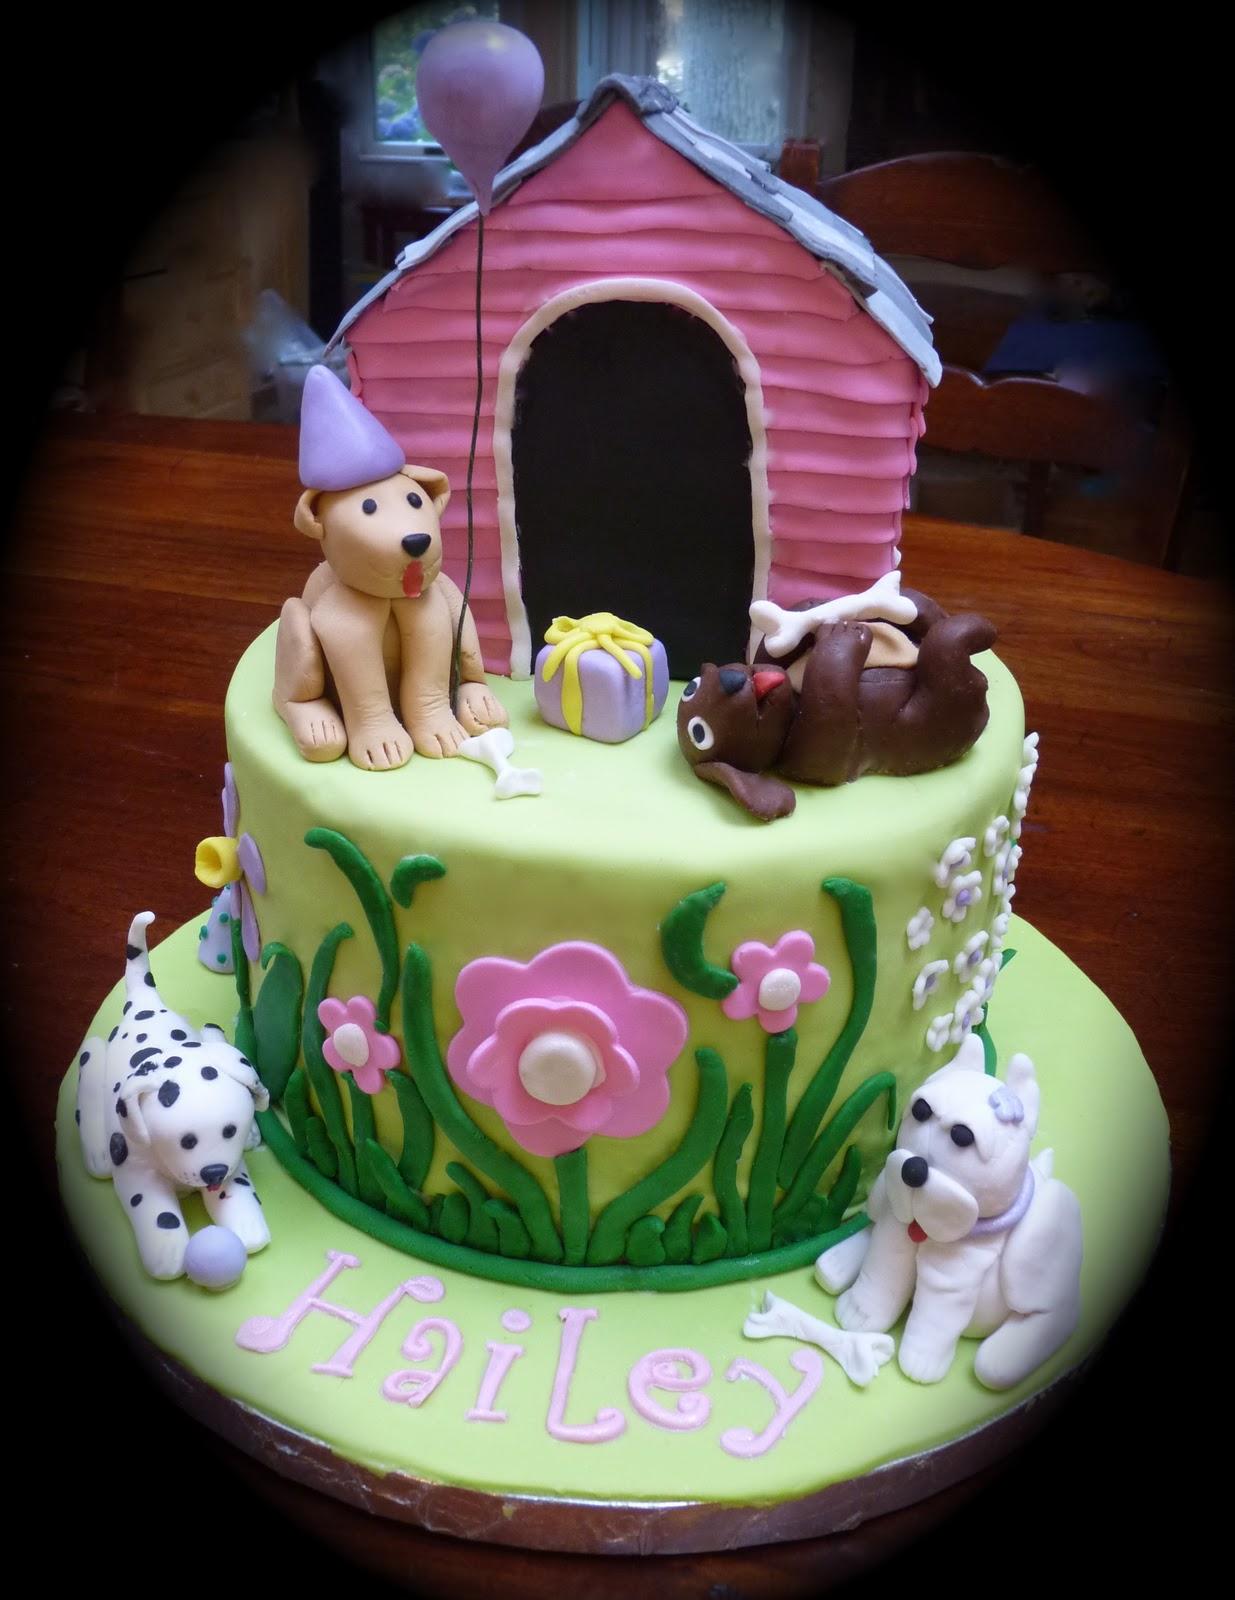 11 Dog Birthday Cakes For Party Photo Puppy Dog Theme Birthday